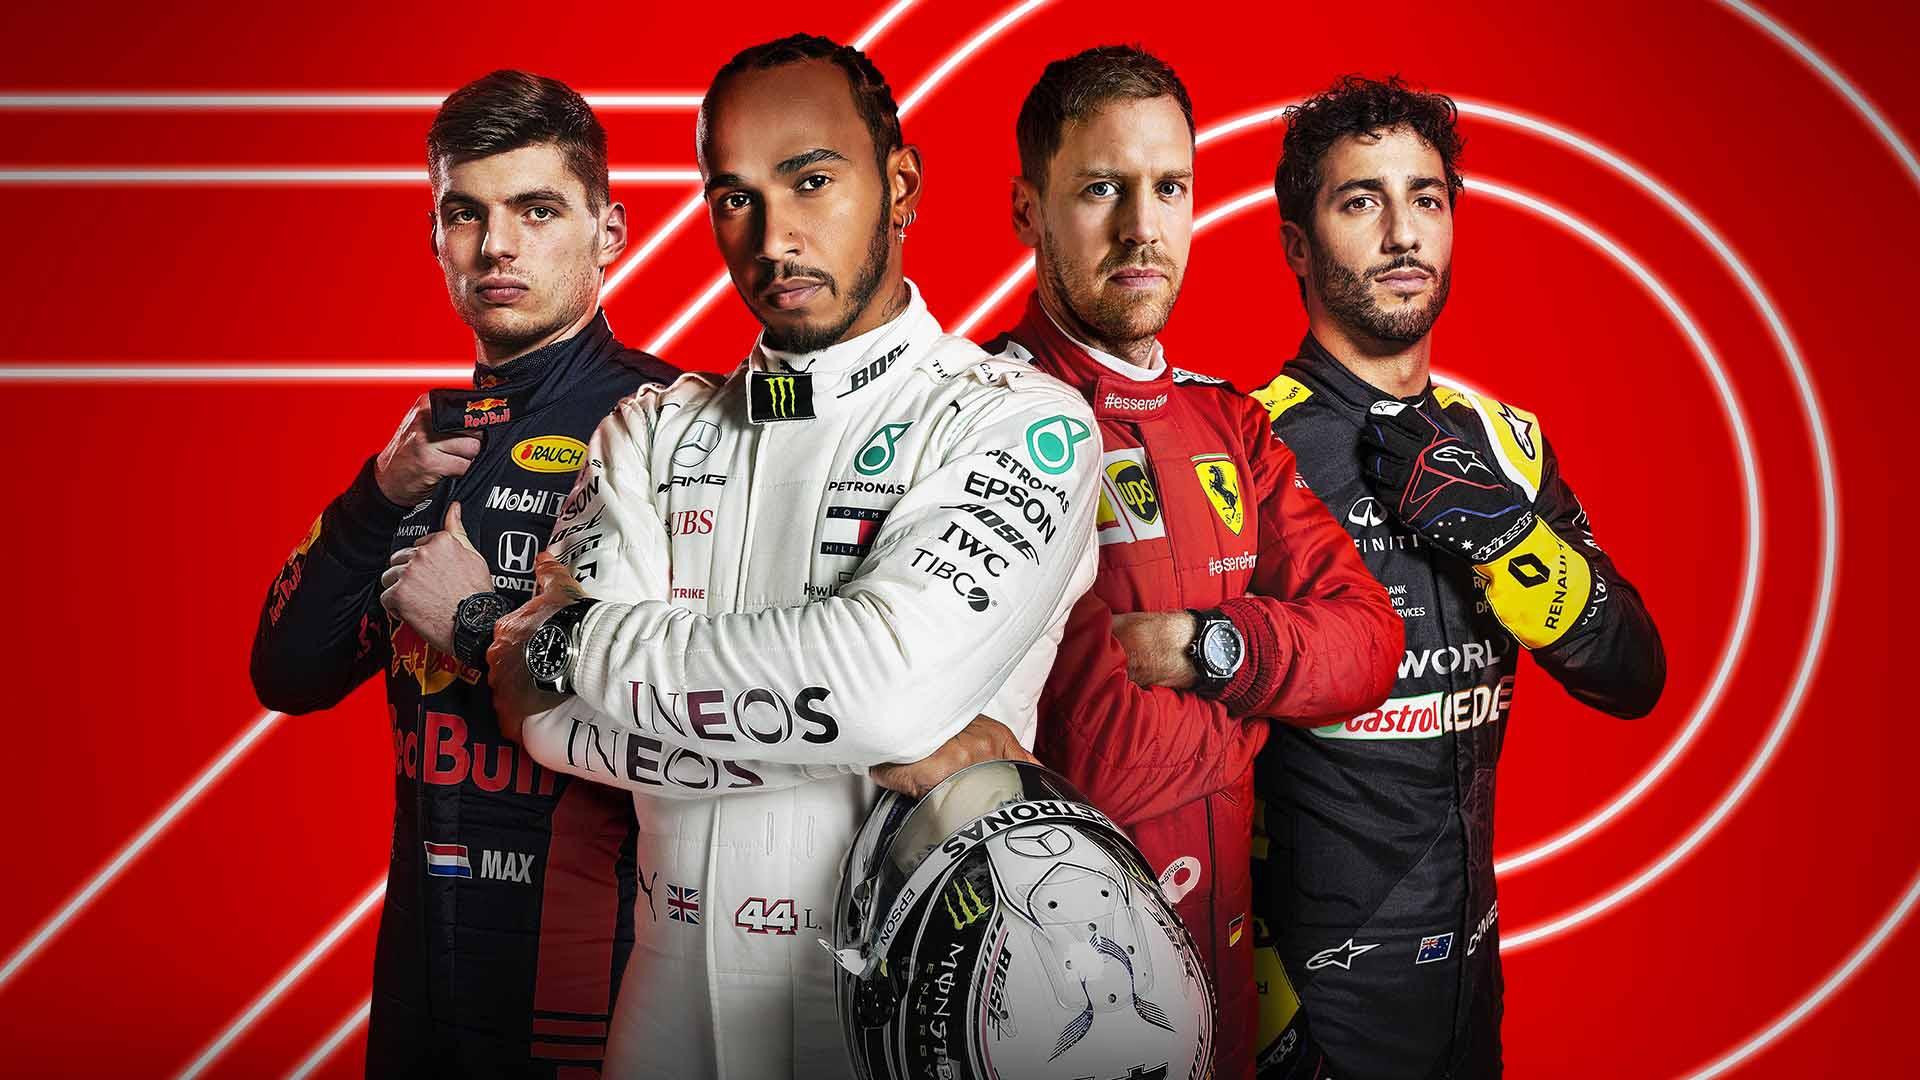 Completo análisis de rendimiento de F1 2020 en consolas confirma un gran rendimiento del juego 5